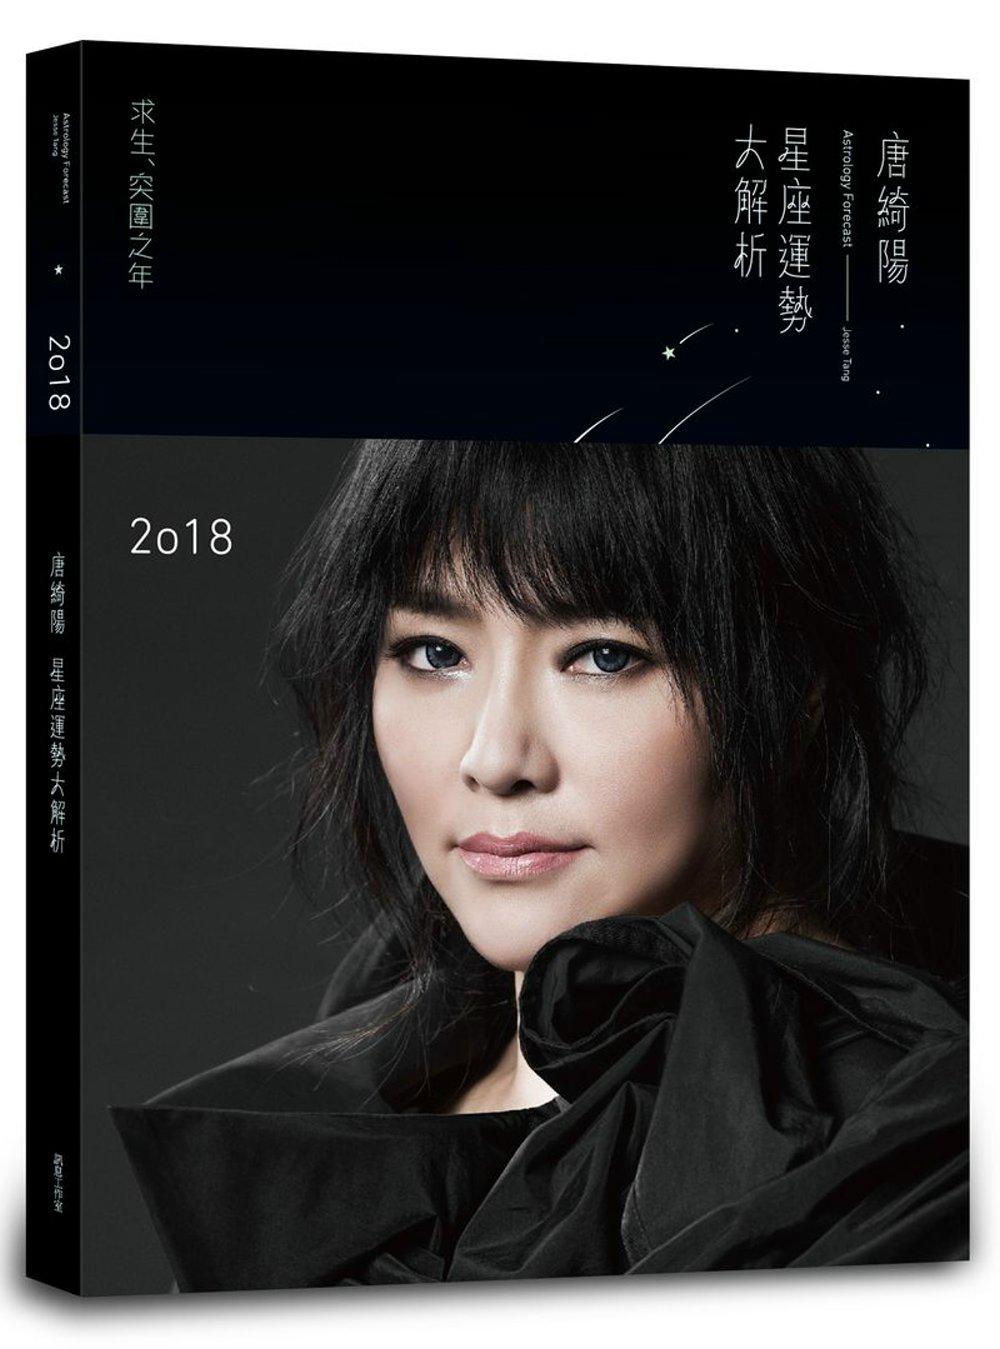 ◤博客來BOOKS◢ 暢銷書榜《推薦》2018唐綺陽星座運勢大解析(簽名版)